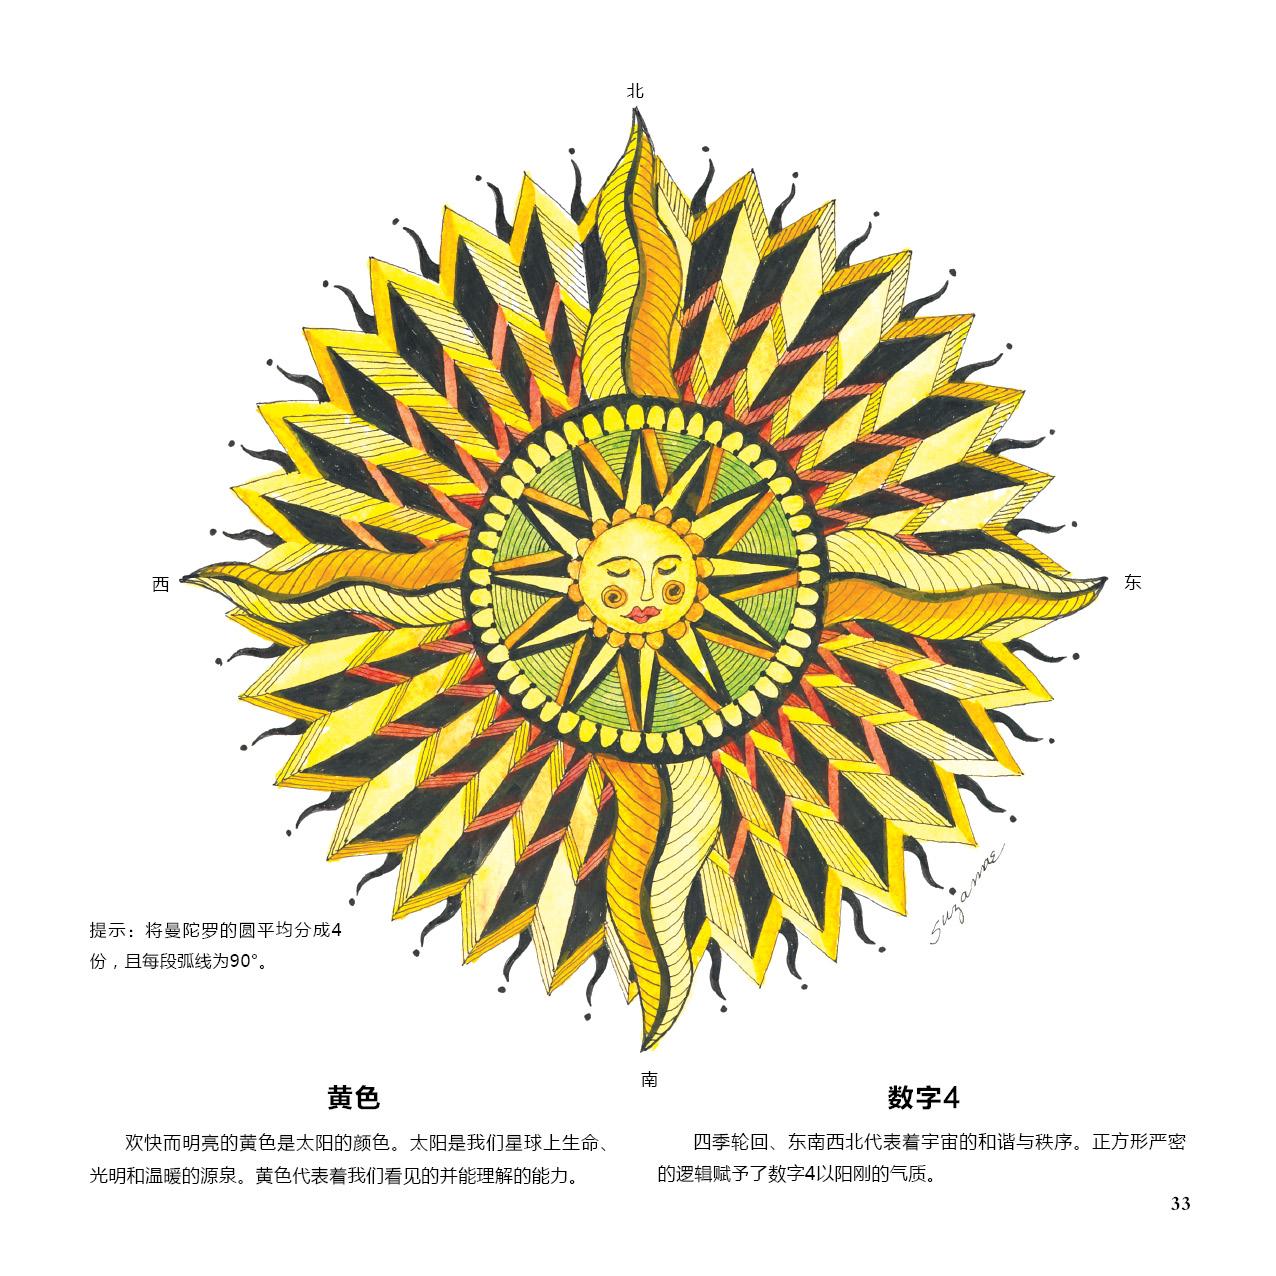 几个世纪以来,曼陀罗一直被视作人与神之间沟通的桥梁,这一源于大自然的象征符号成为了人们沉思冥想的工具。绘制曼陀罗能帮助我们感知周围世界中存在的伟大奇观,发现真正的内心与自我,打开启示与灵感之源。   本书为你提供了一个机会,让你可以通过绘制禅绕画来探索曼陀罗这一古老教义。当你根据观察创作出美丽的图画,你会万分感激这个大千世界给你带来的独特体验,发现源于平和内心的无限可能。